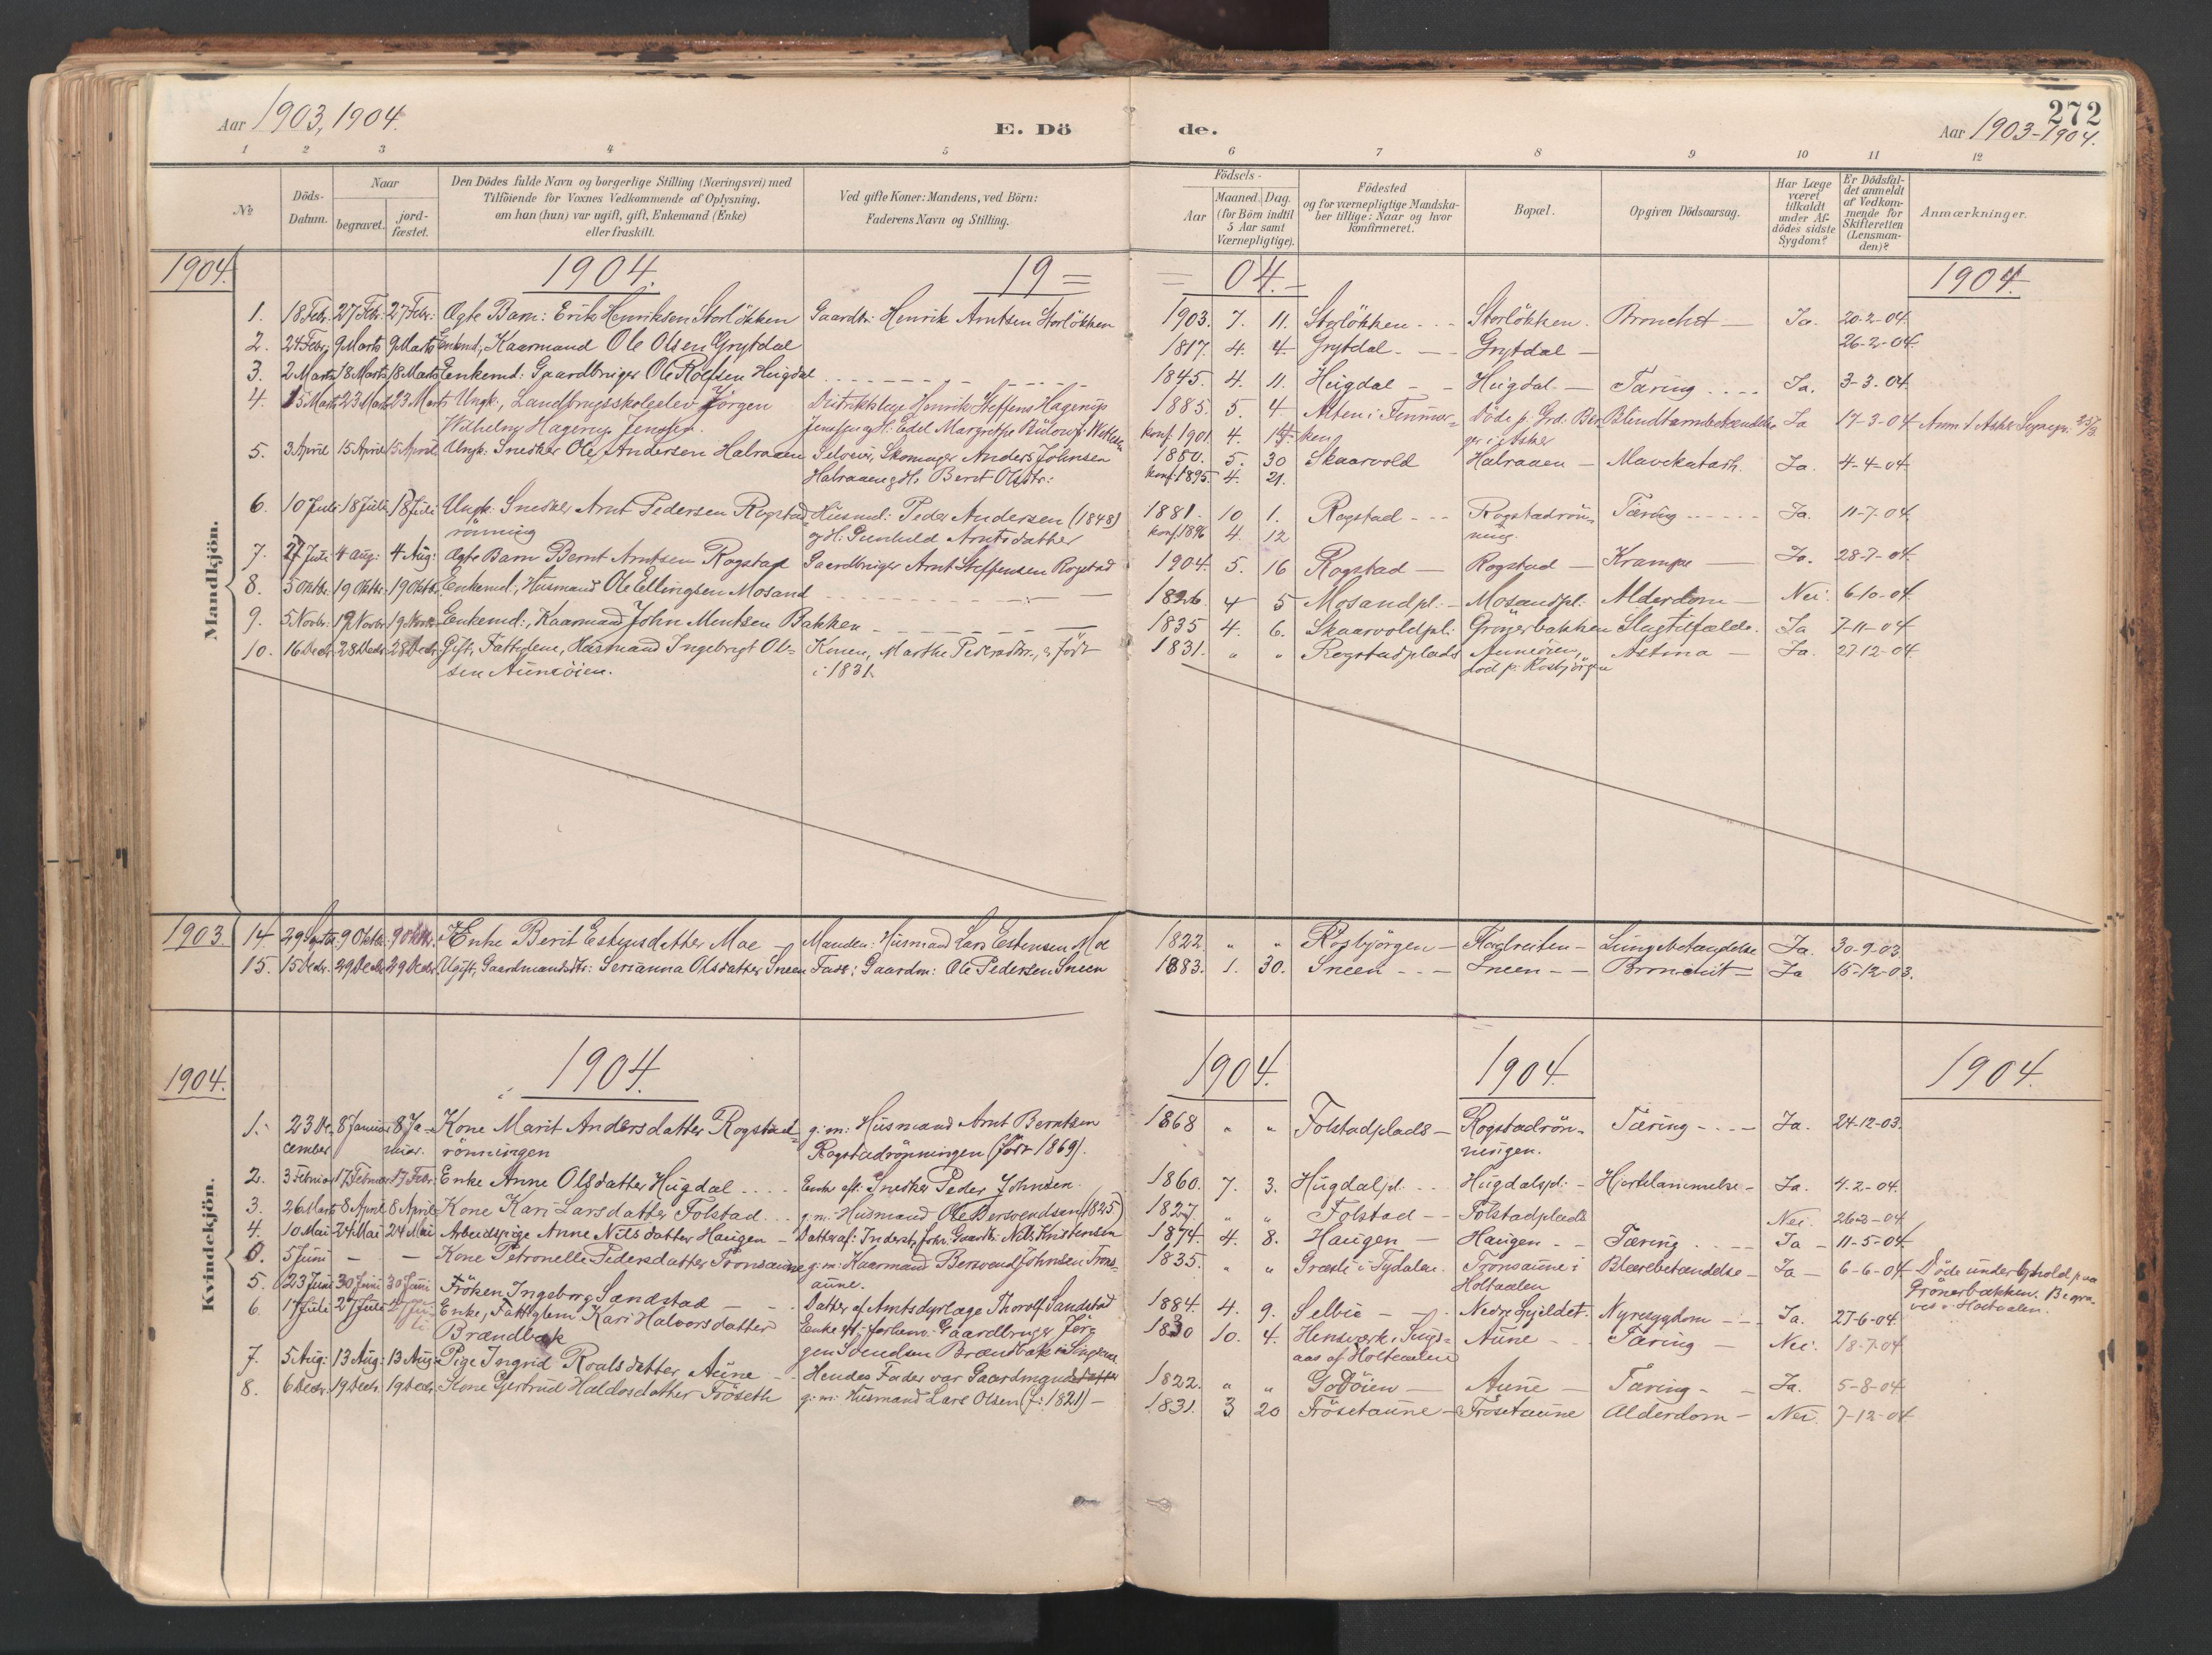 SAT, Ministerialprotokoller, klokkerbøker og fødselsregistre - Sør-Trøndelag, 687/L1004: Ministerialbok nr. 687A10, 1891-1923, s. 272